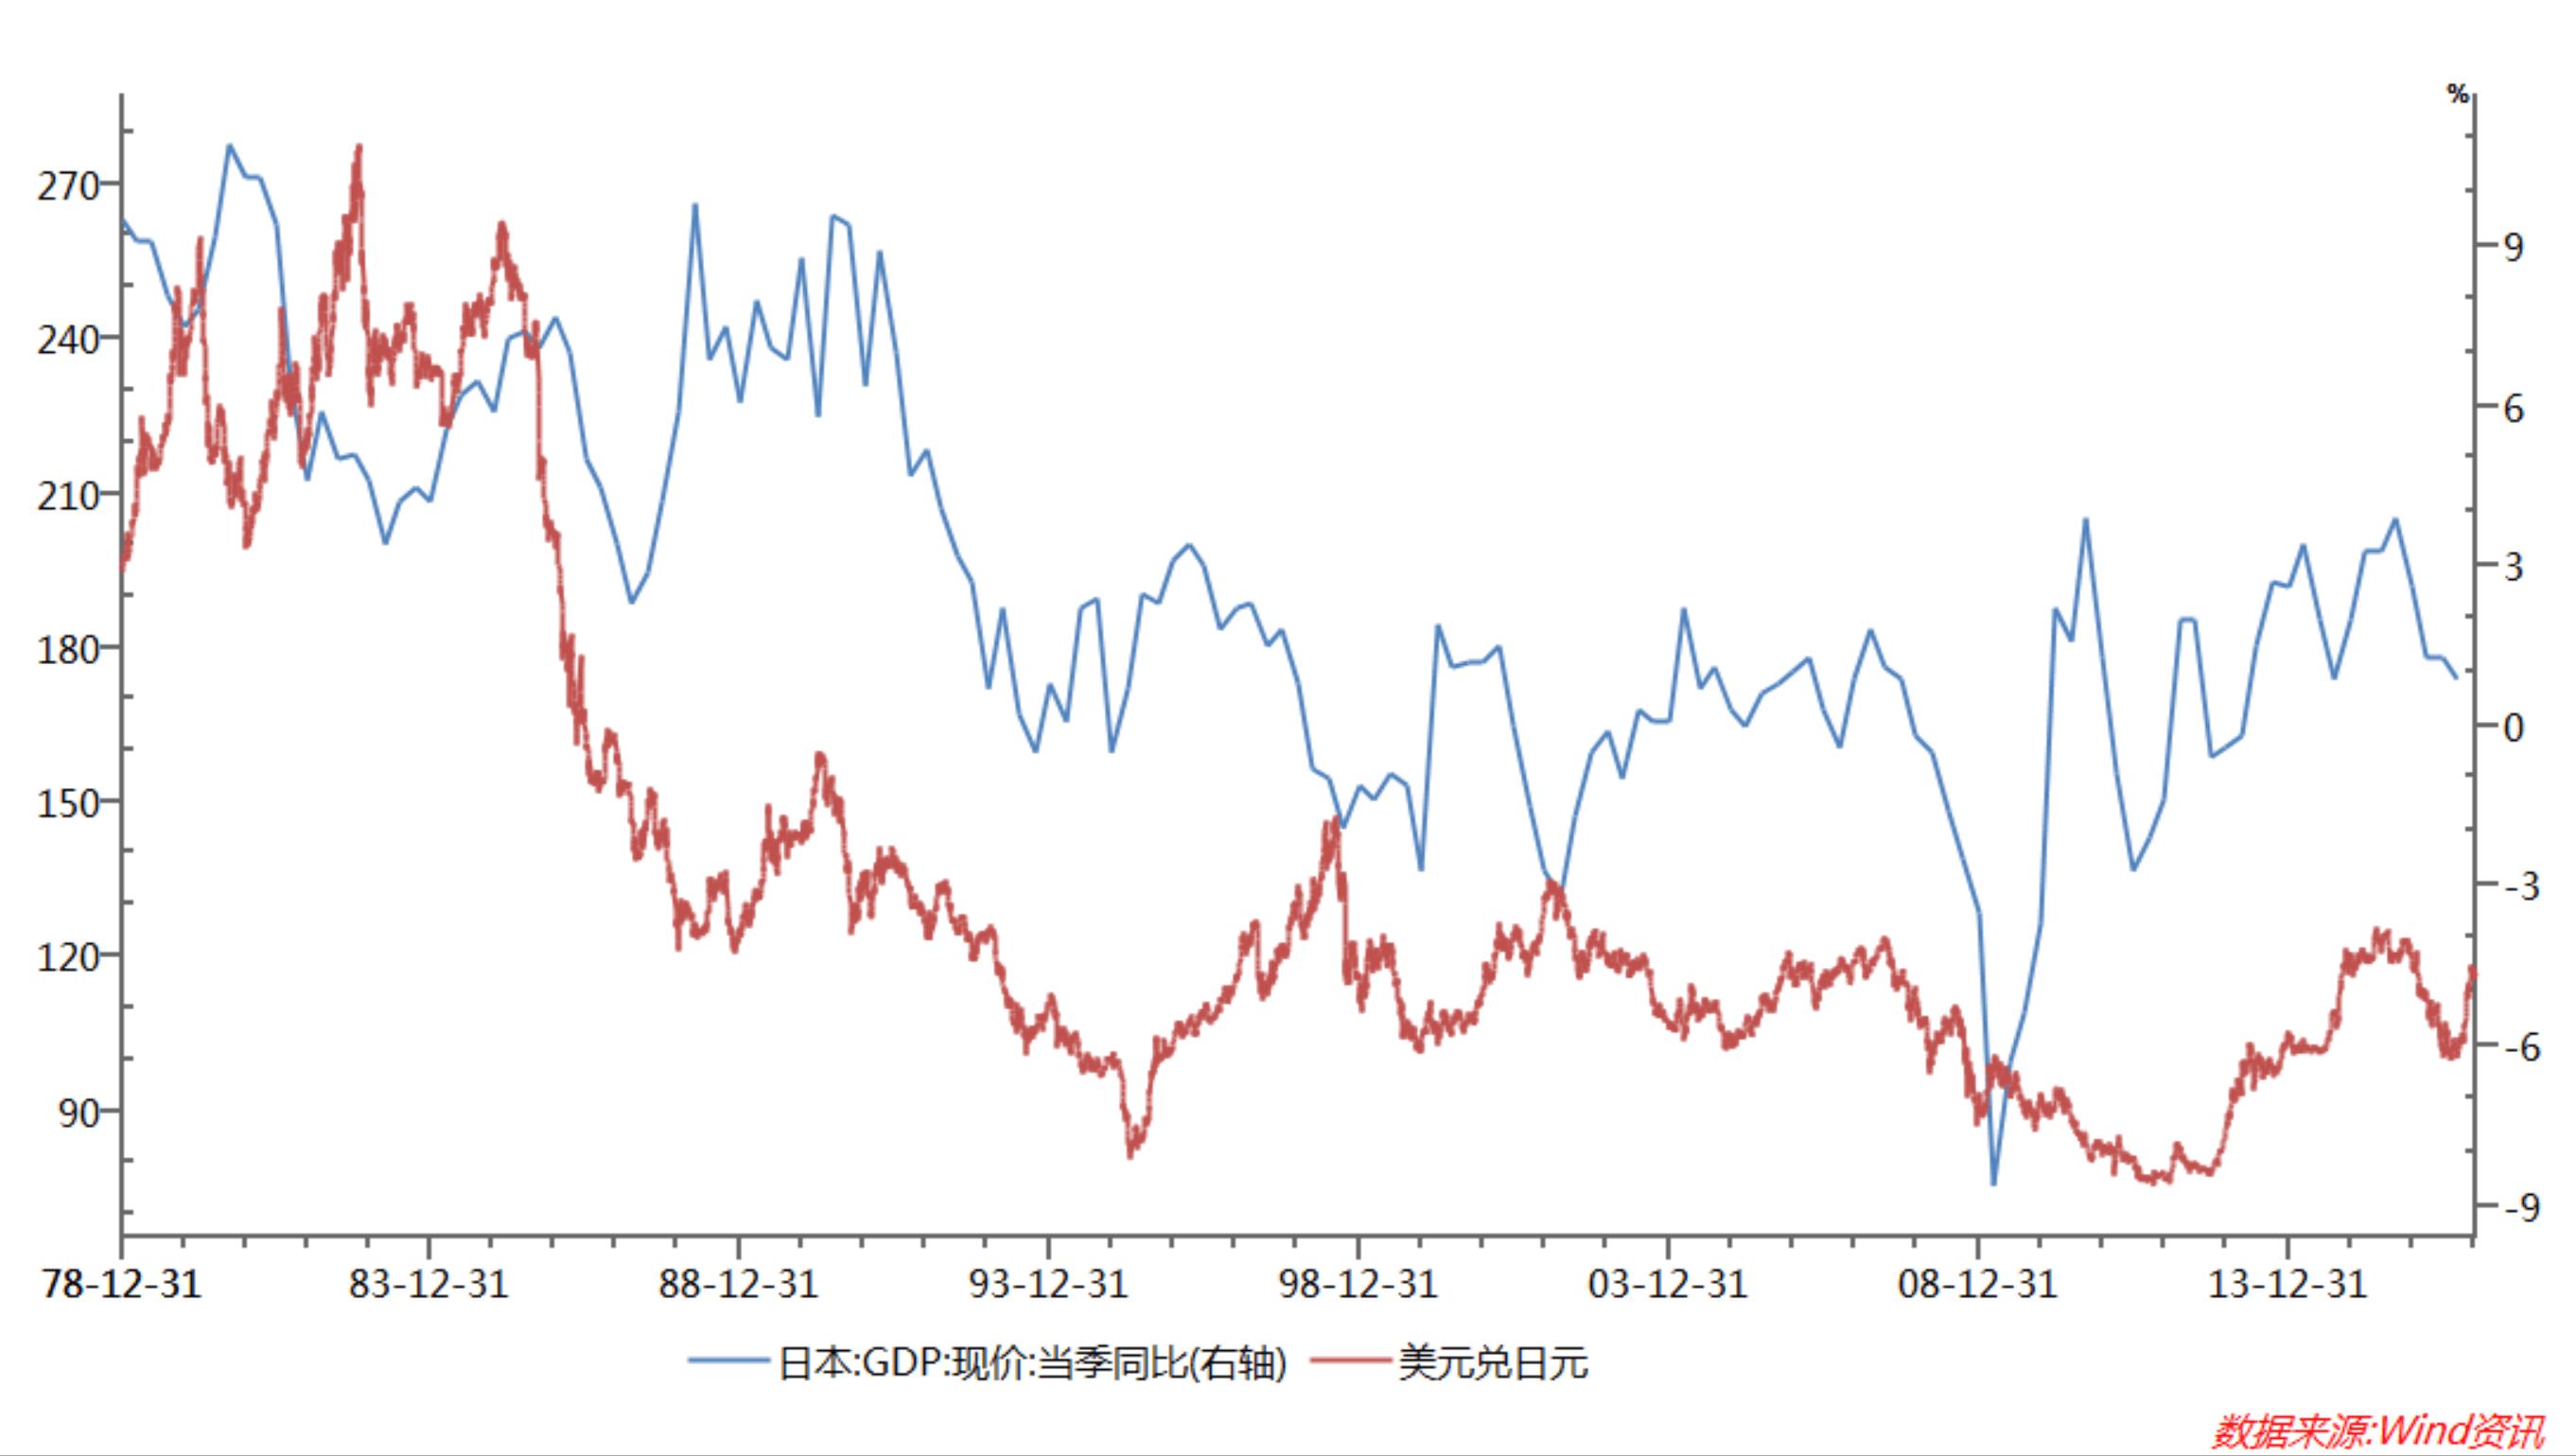 (日本GDP增速与汇率走势  来源:wind)